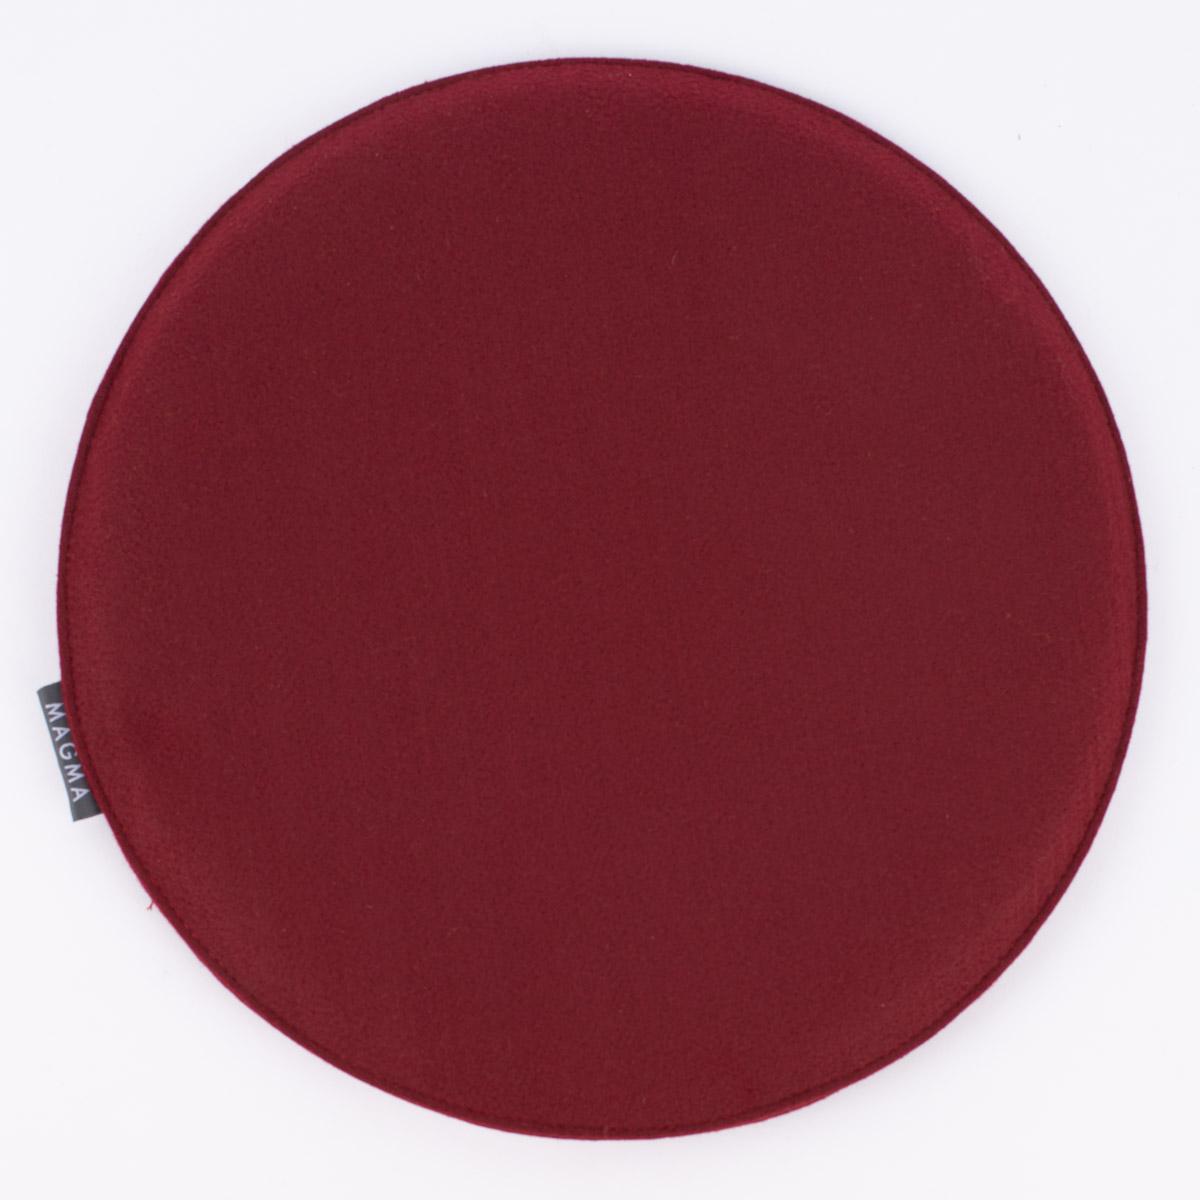 Magma Stuhlkissen Avaro Filz Rund Wein Rot 35x2cm 1000kissen De Der Kissenspezialshop Von Schoner Leben